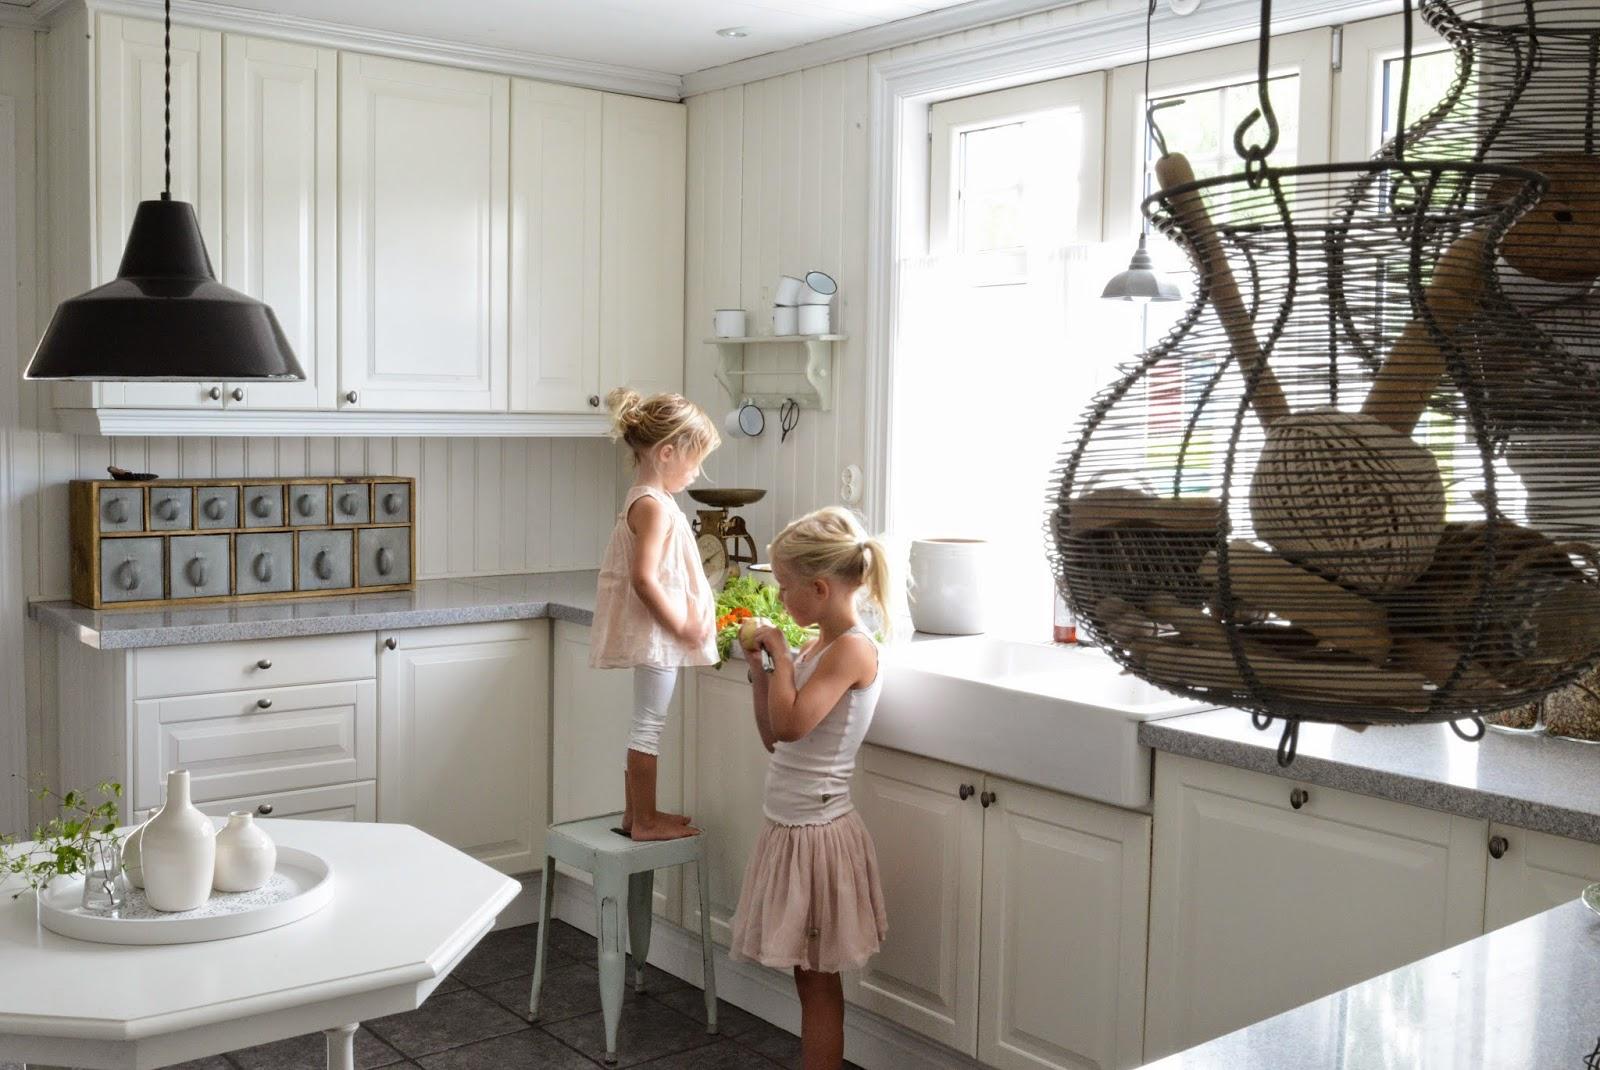 Add: design / anna stenberg / lantligt på svanängen: köksplanering ...